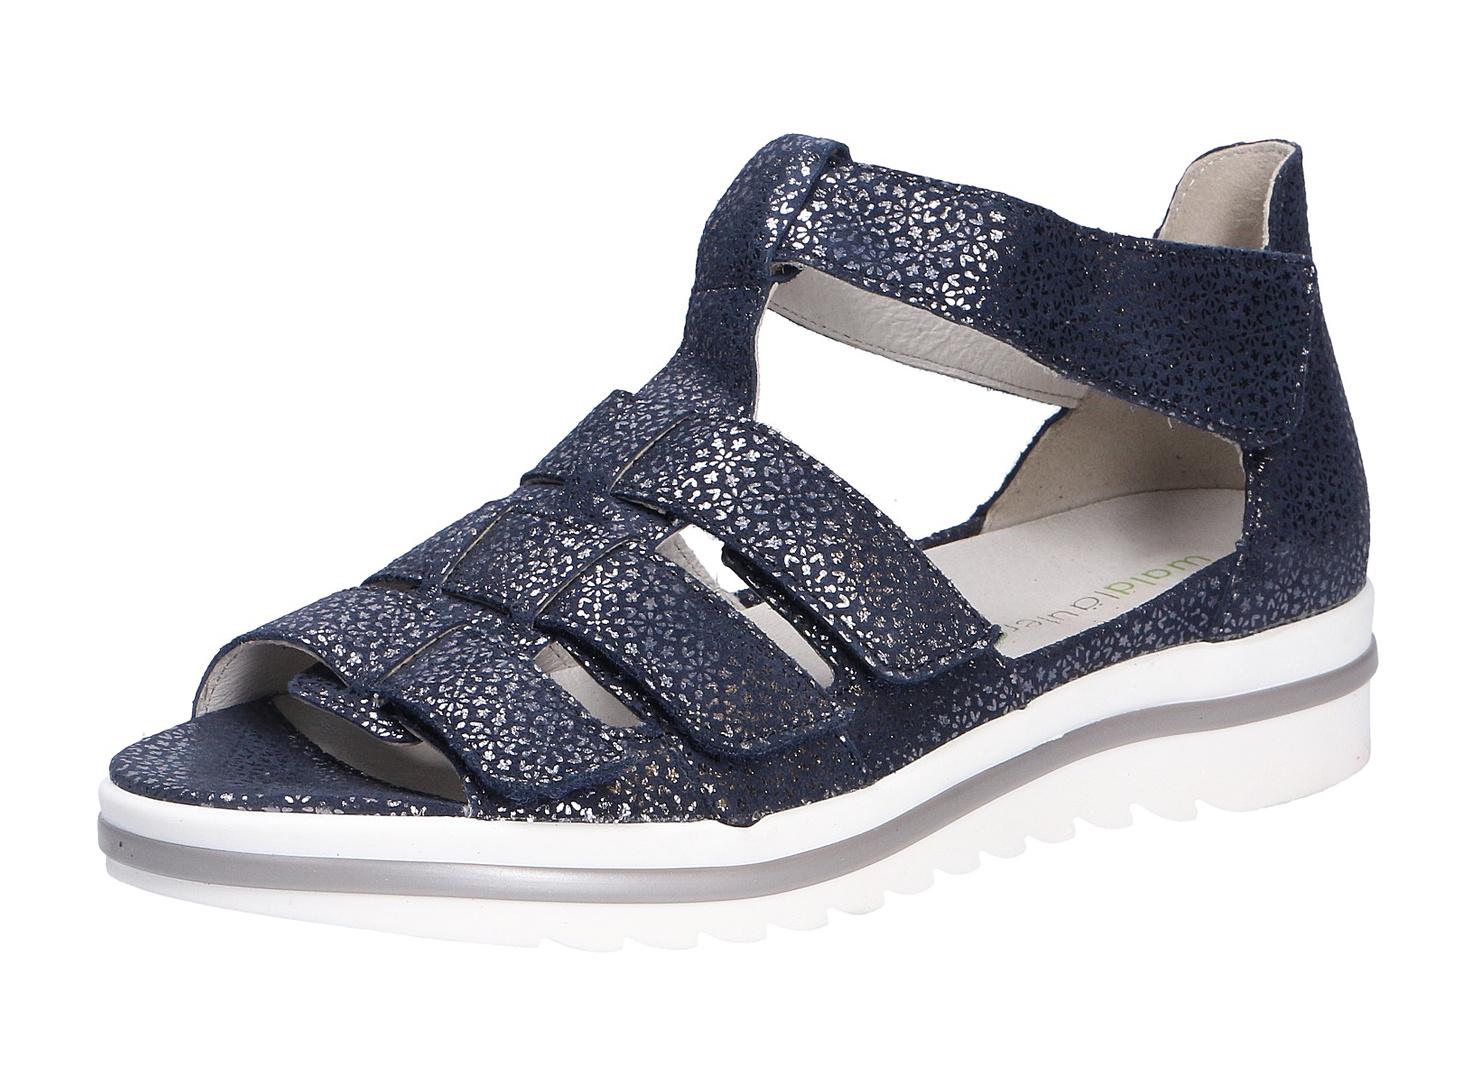 sandalen damen waldl ufer schuhe online g nstig kaufen hier finden sie die gro e auswahl. Black Bedroom Furniture Sets. Home Design Ideas